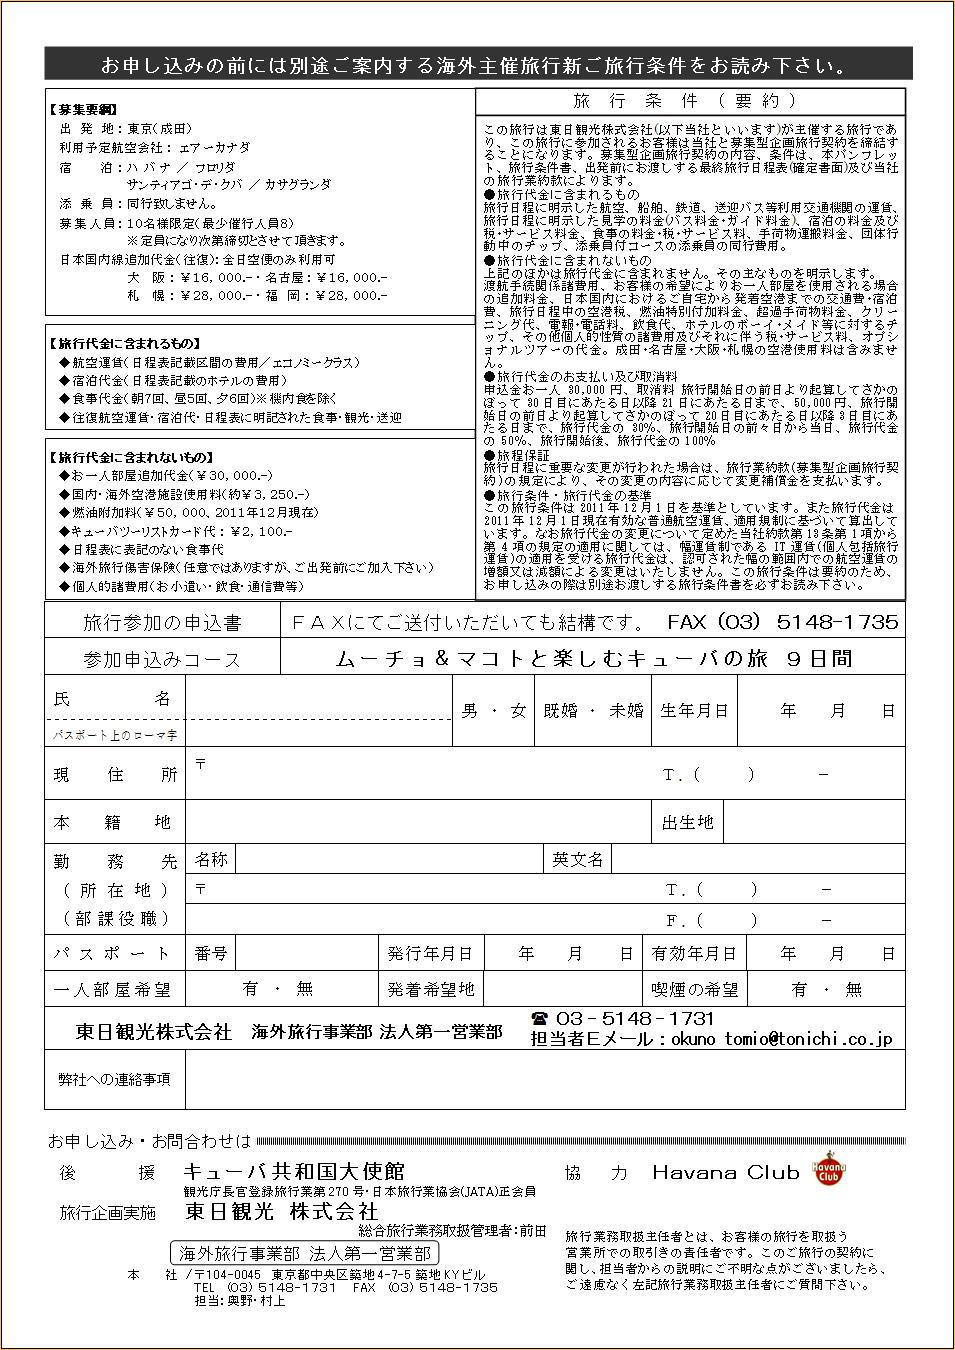 2012年3月キューバツアー詳細・フライヤー裏面_a0103940_10485.jpg